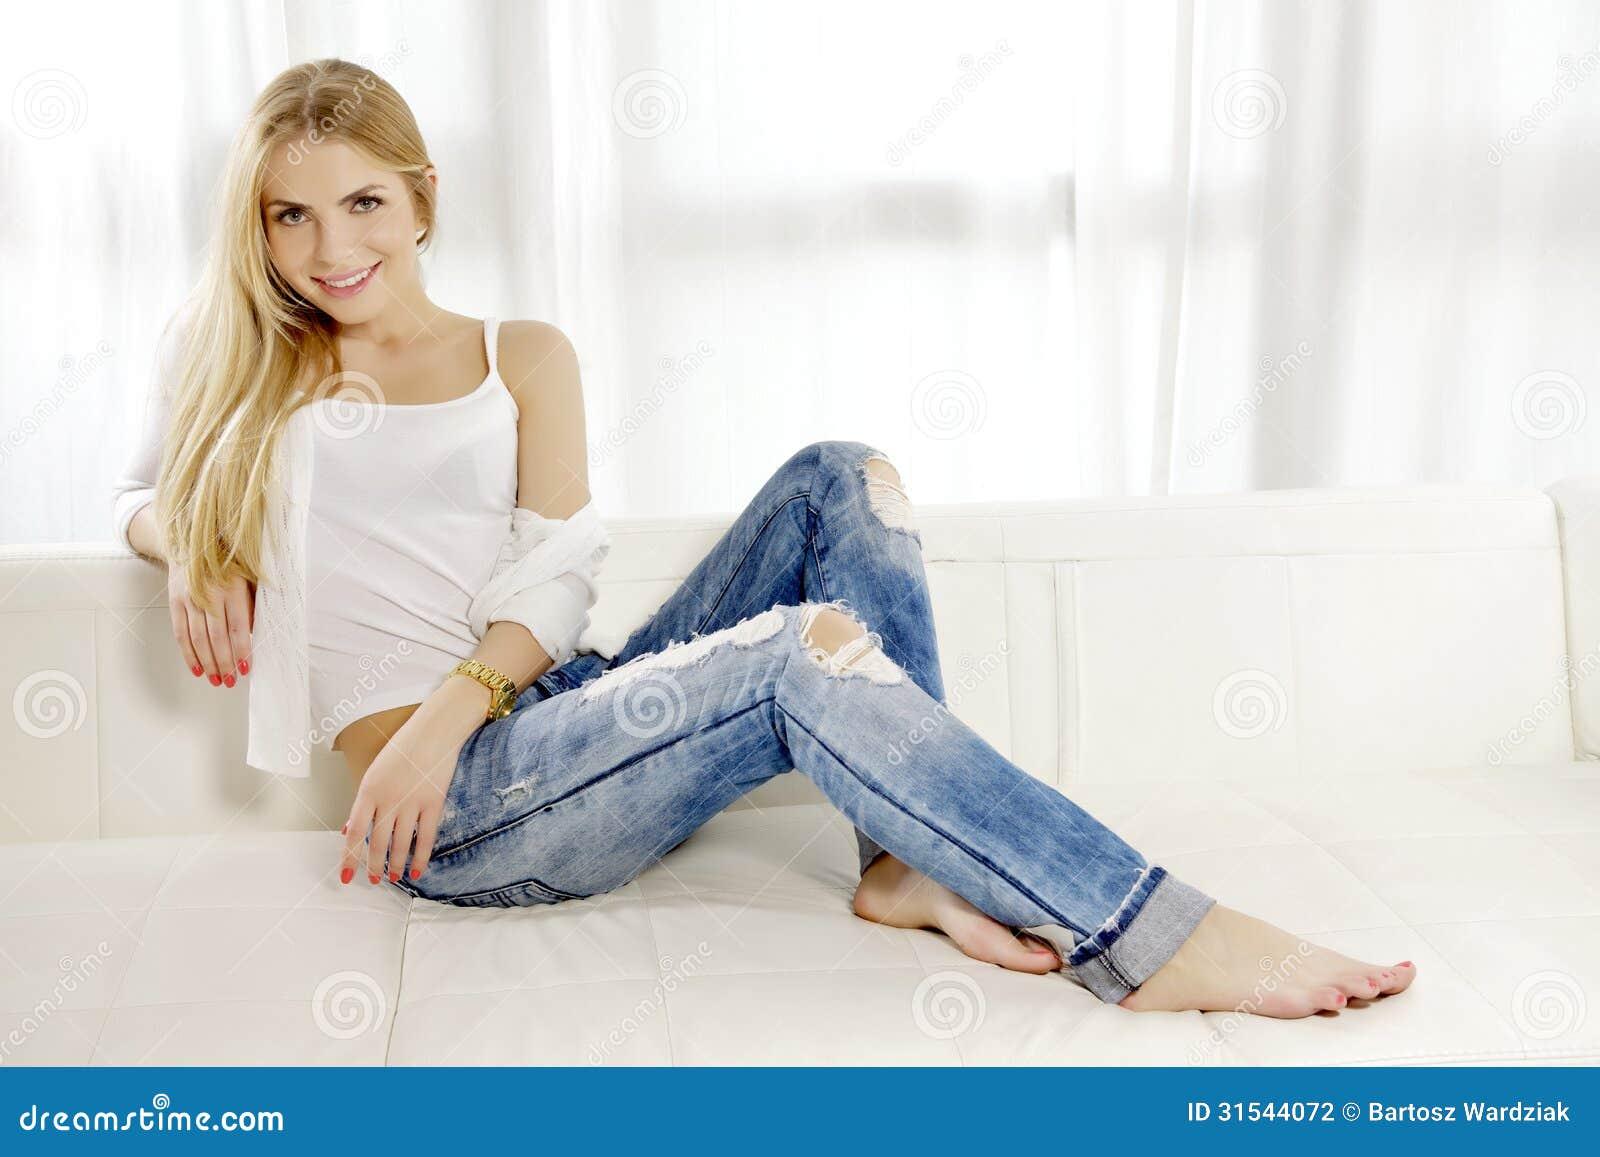 Секретарша в джинсах 4 фотография